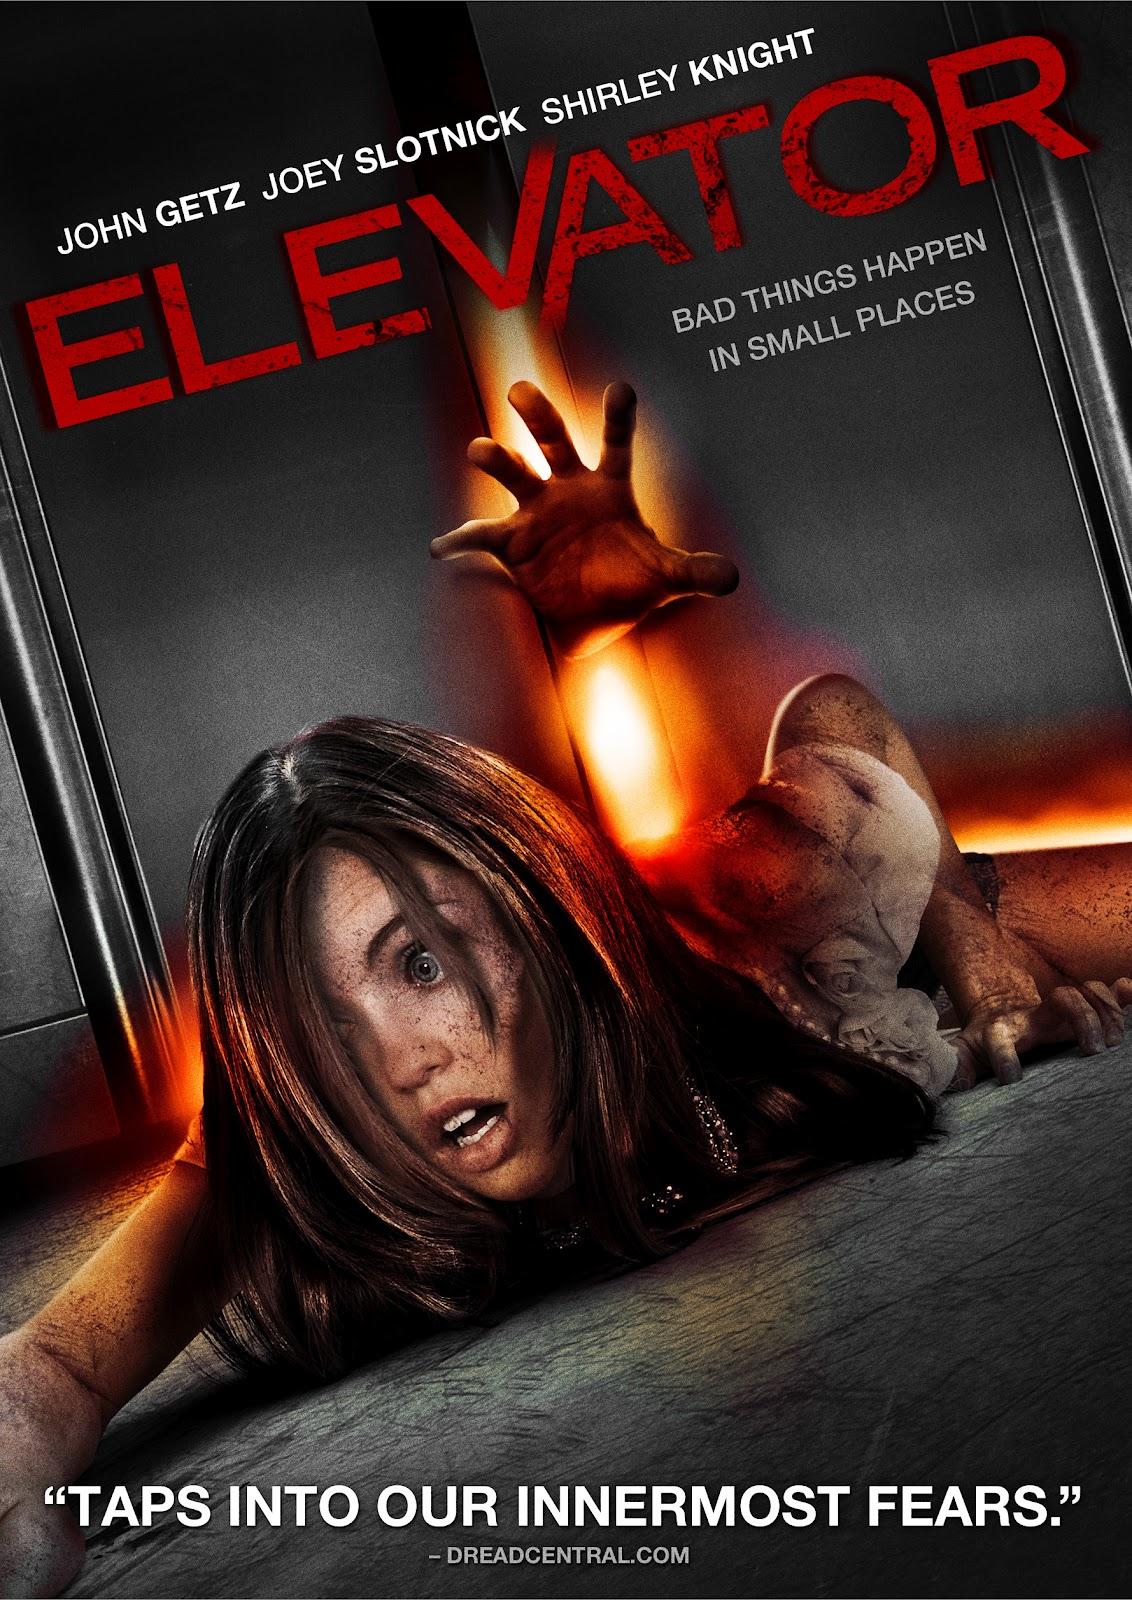 http://3.bp.blogspot.com/-Zlj9LuRMm6A/UCxvsBcvXRI/AAAAAAAABsg/NtJ3fYMl-O0/s1600/Elevator+Box+Art+(2-D).jpeg